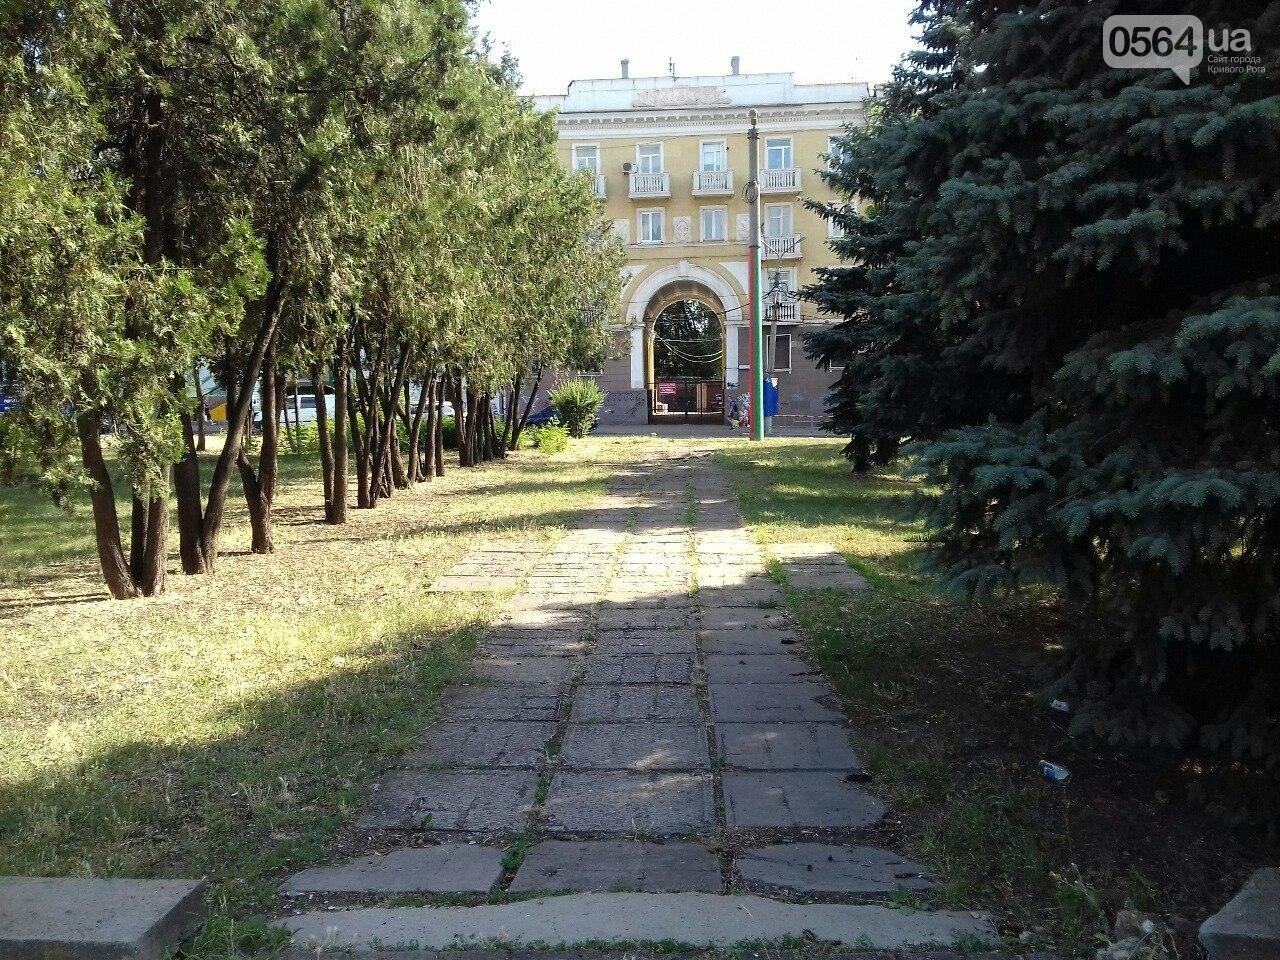 В сквере на центральной площади Кривого Рога воцарилась разруха, - ФОТО, фото-15